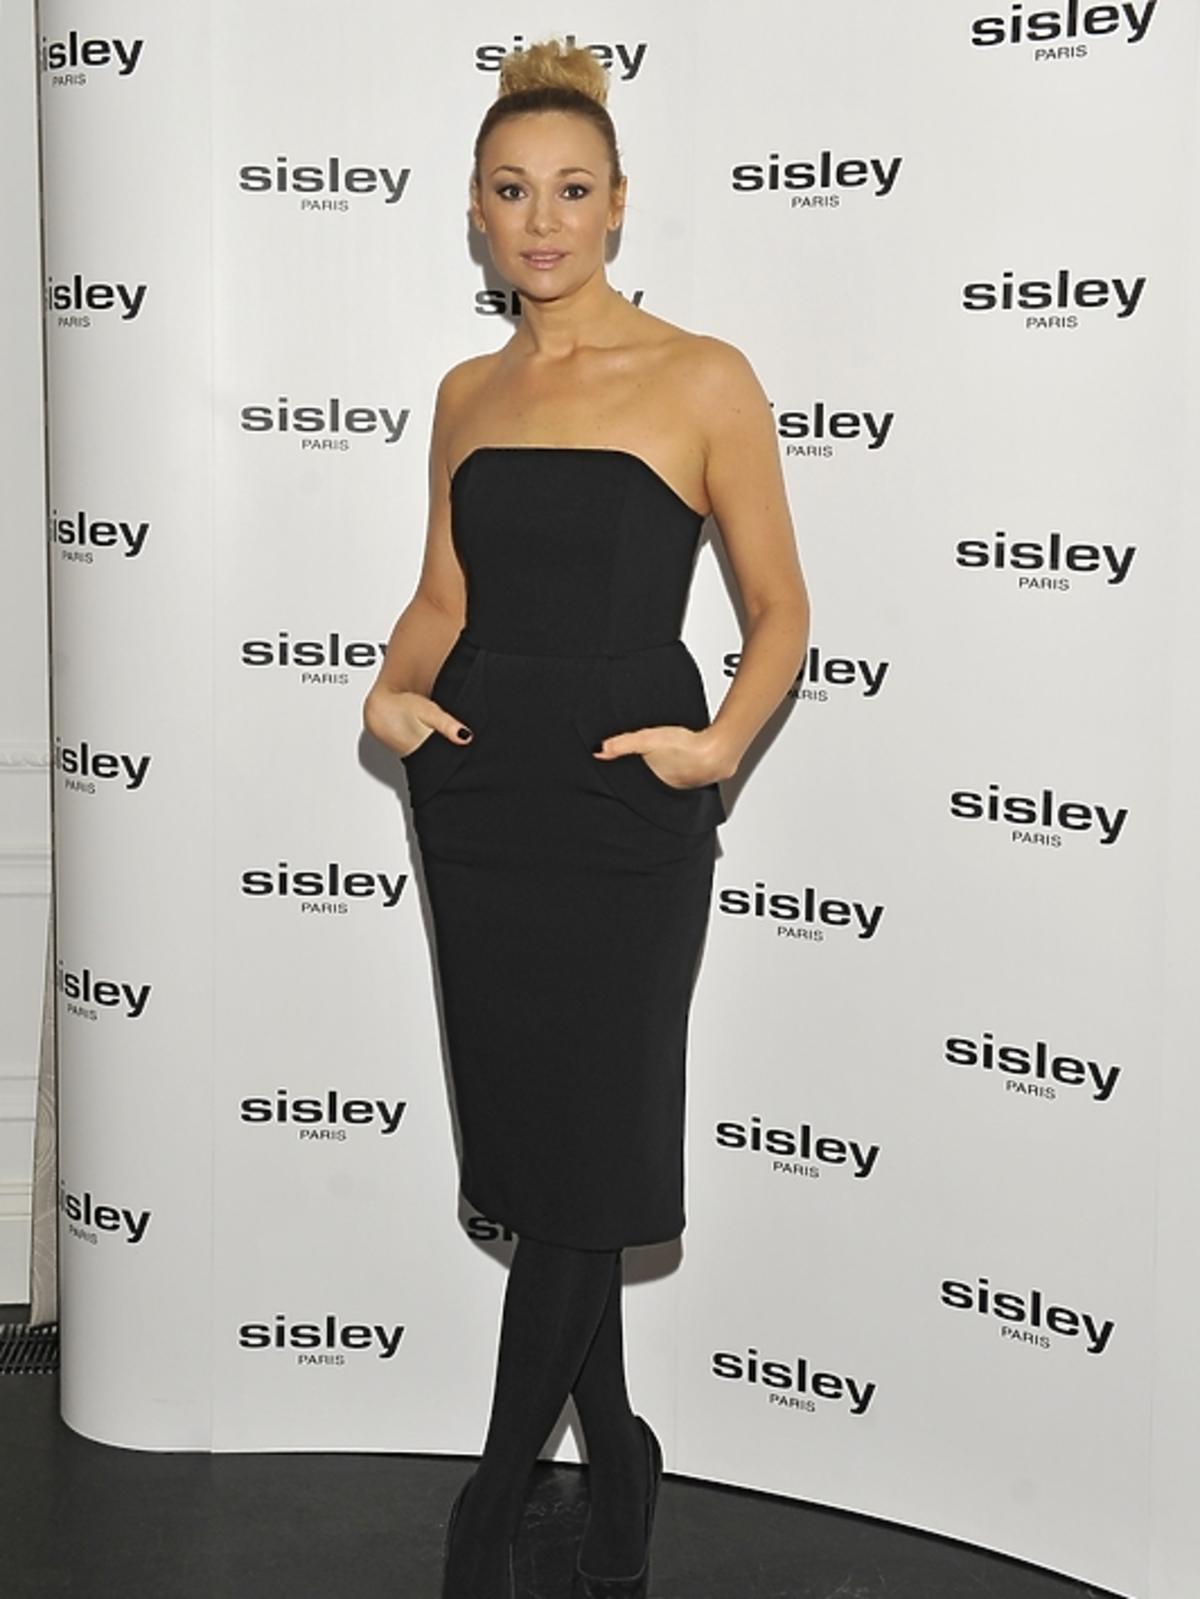 Sonia Bohosiewicz na prezentacji kosmetyków Sisley